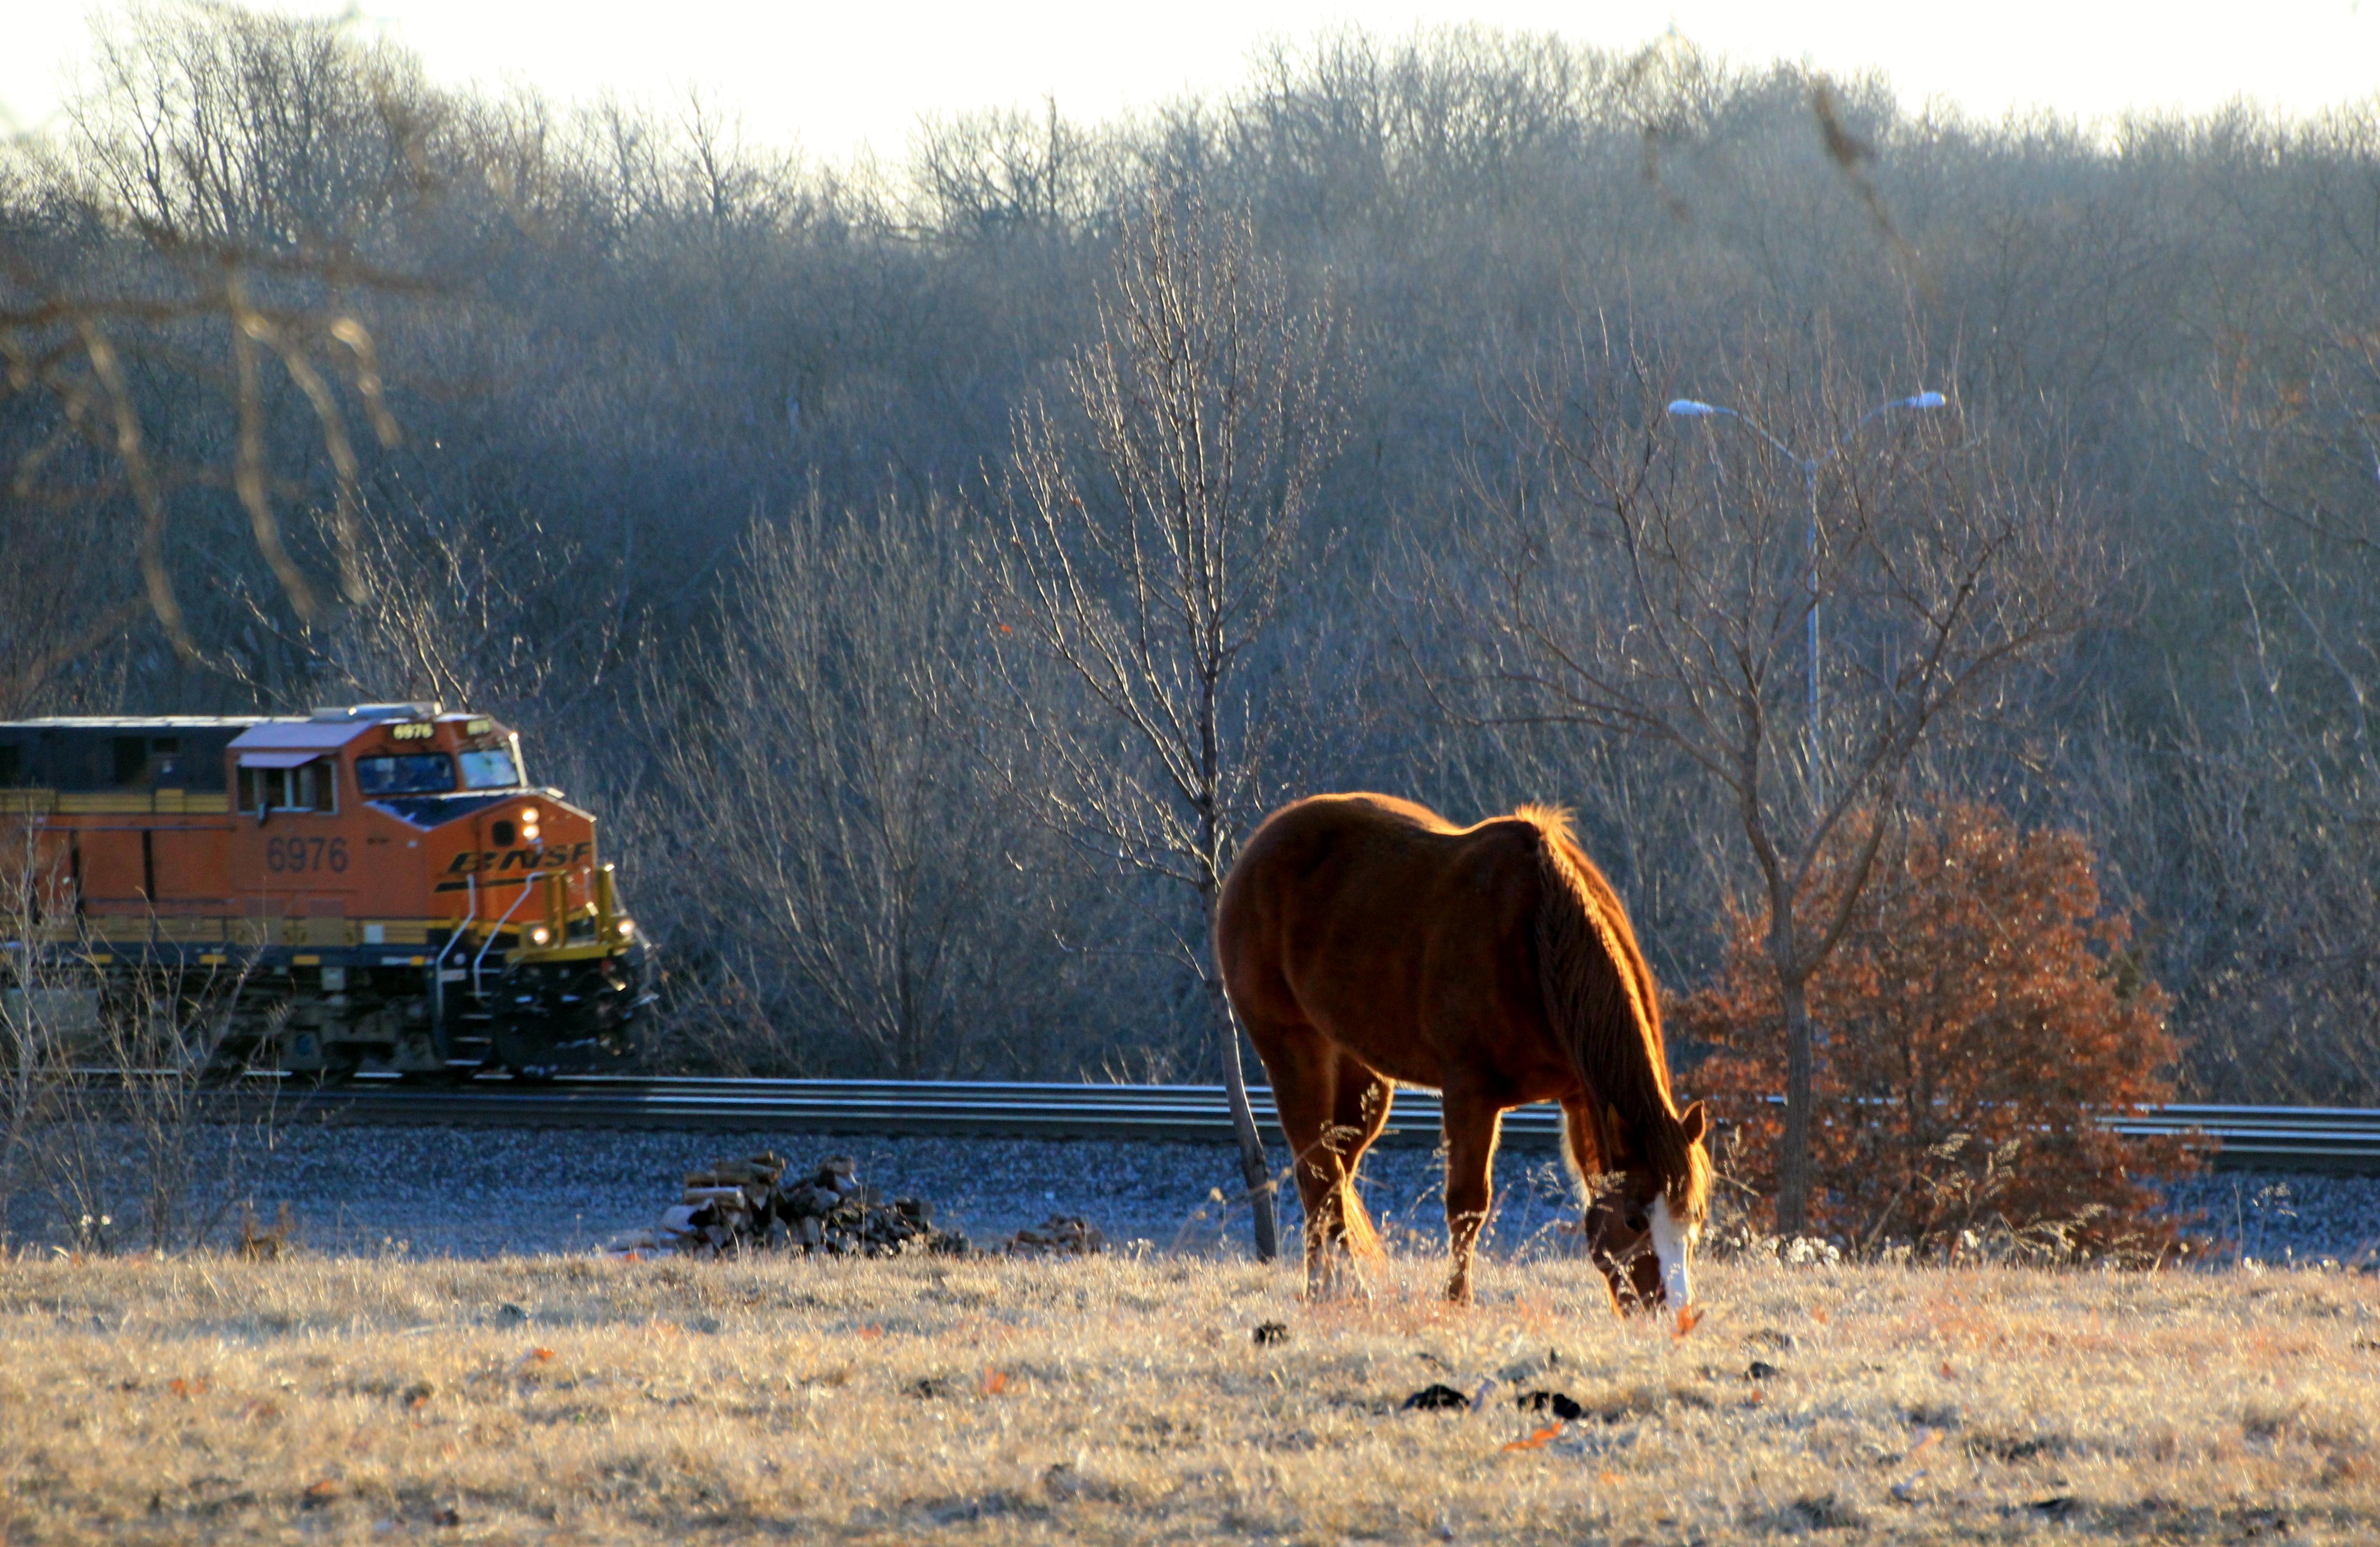 Sunlit Horse 2-26-15 014.JPG